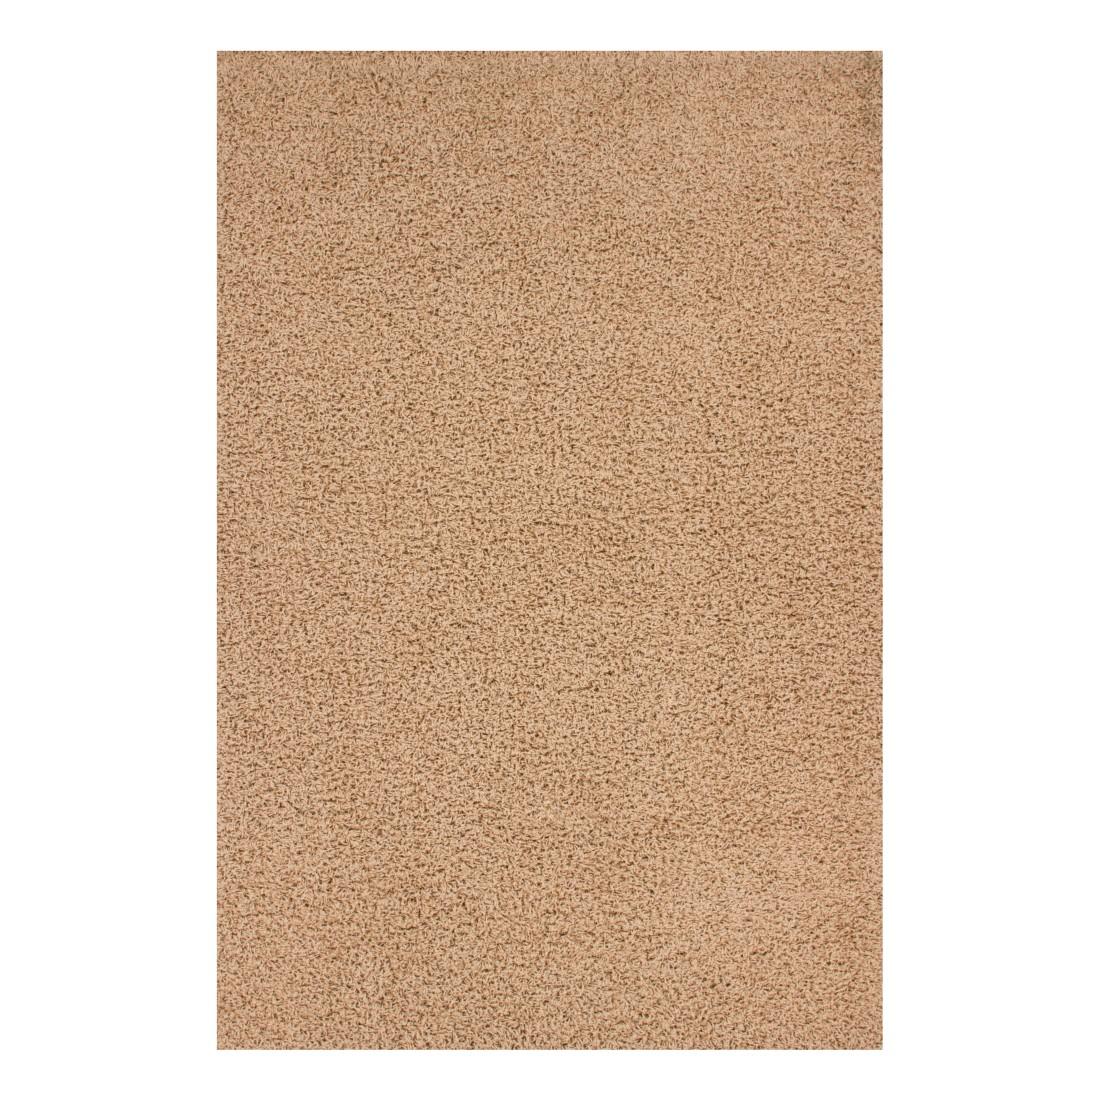 Teppich Oslo – Beige – 160 x 230 cm, Kayoom günstig kaufen